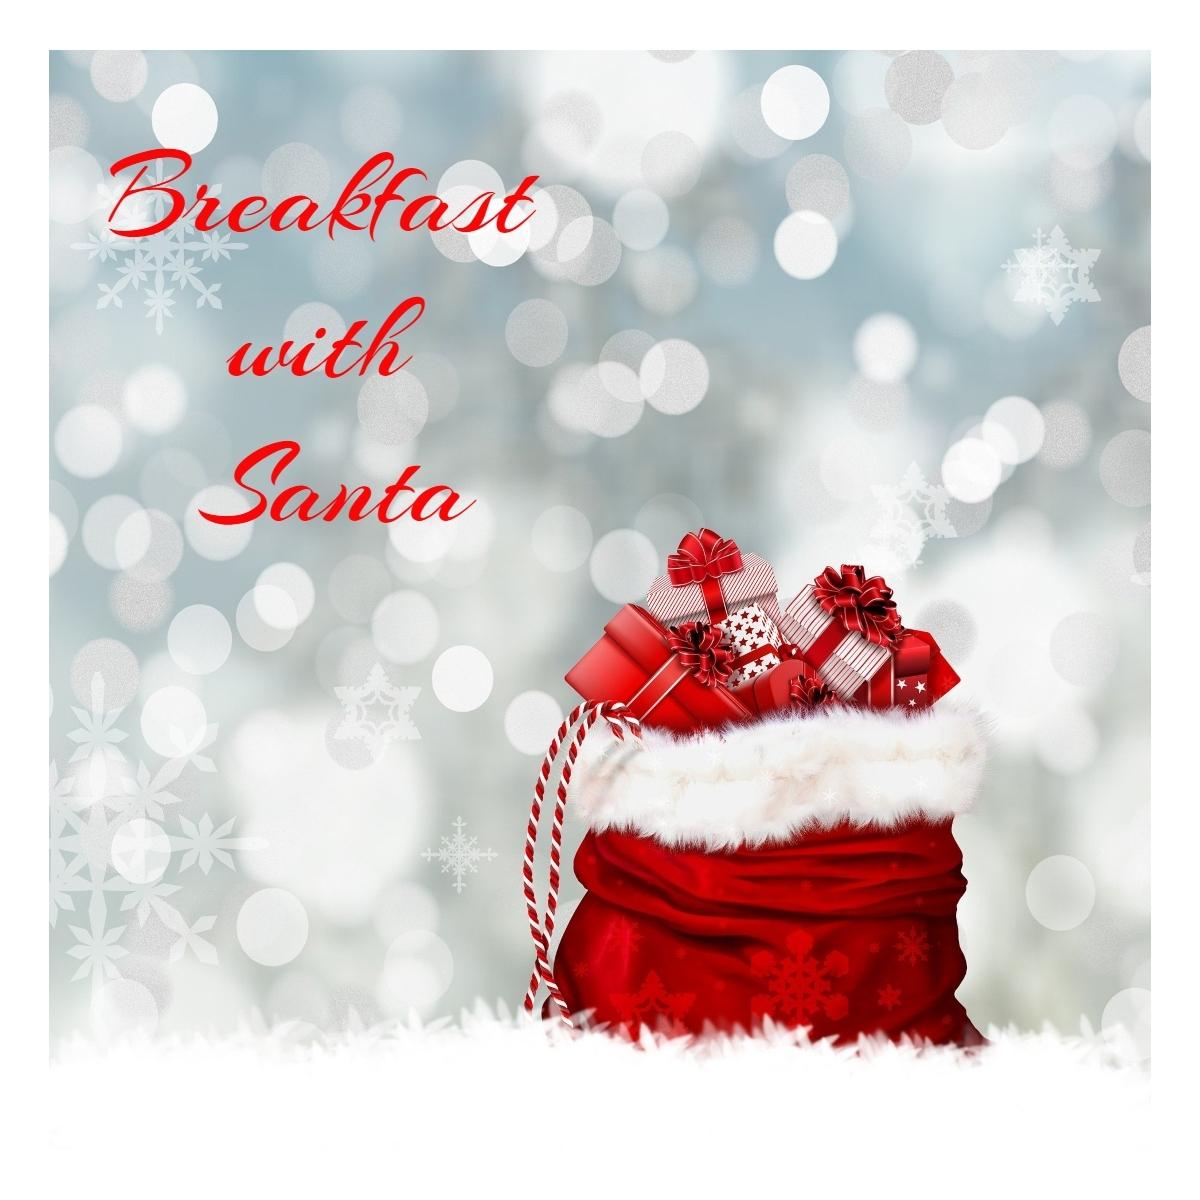 Breakfast with Santa Drive-By Santa-Breakfast